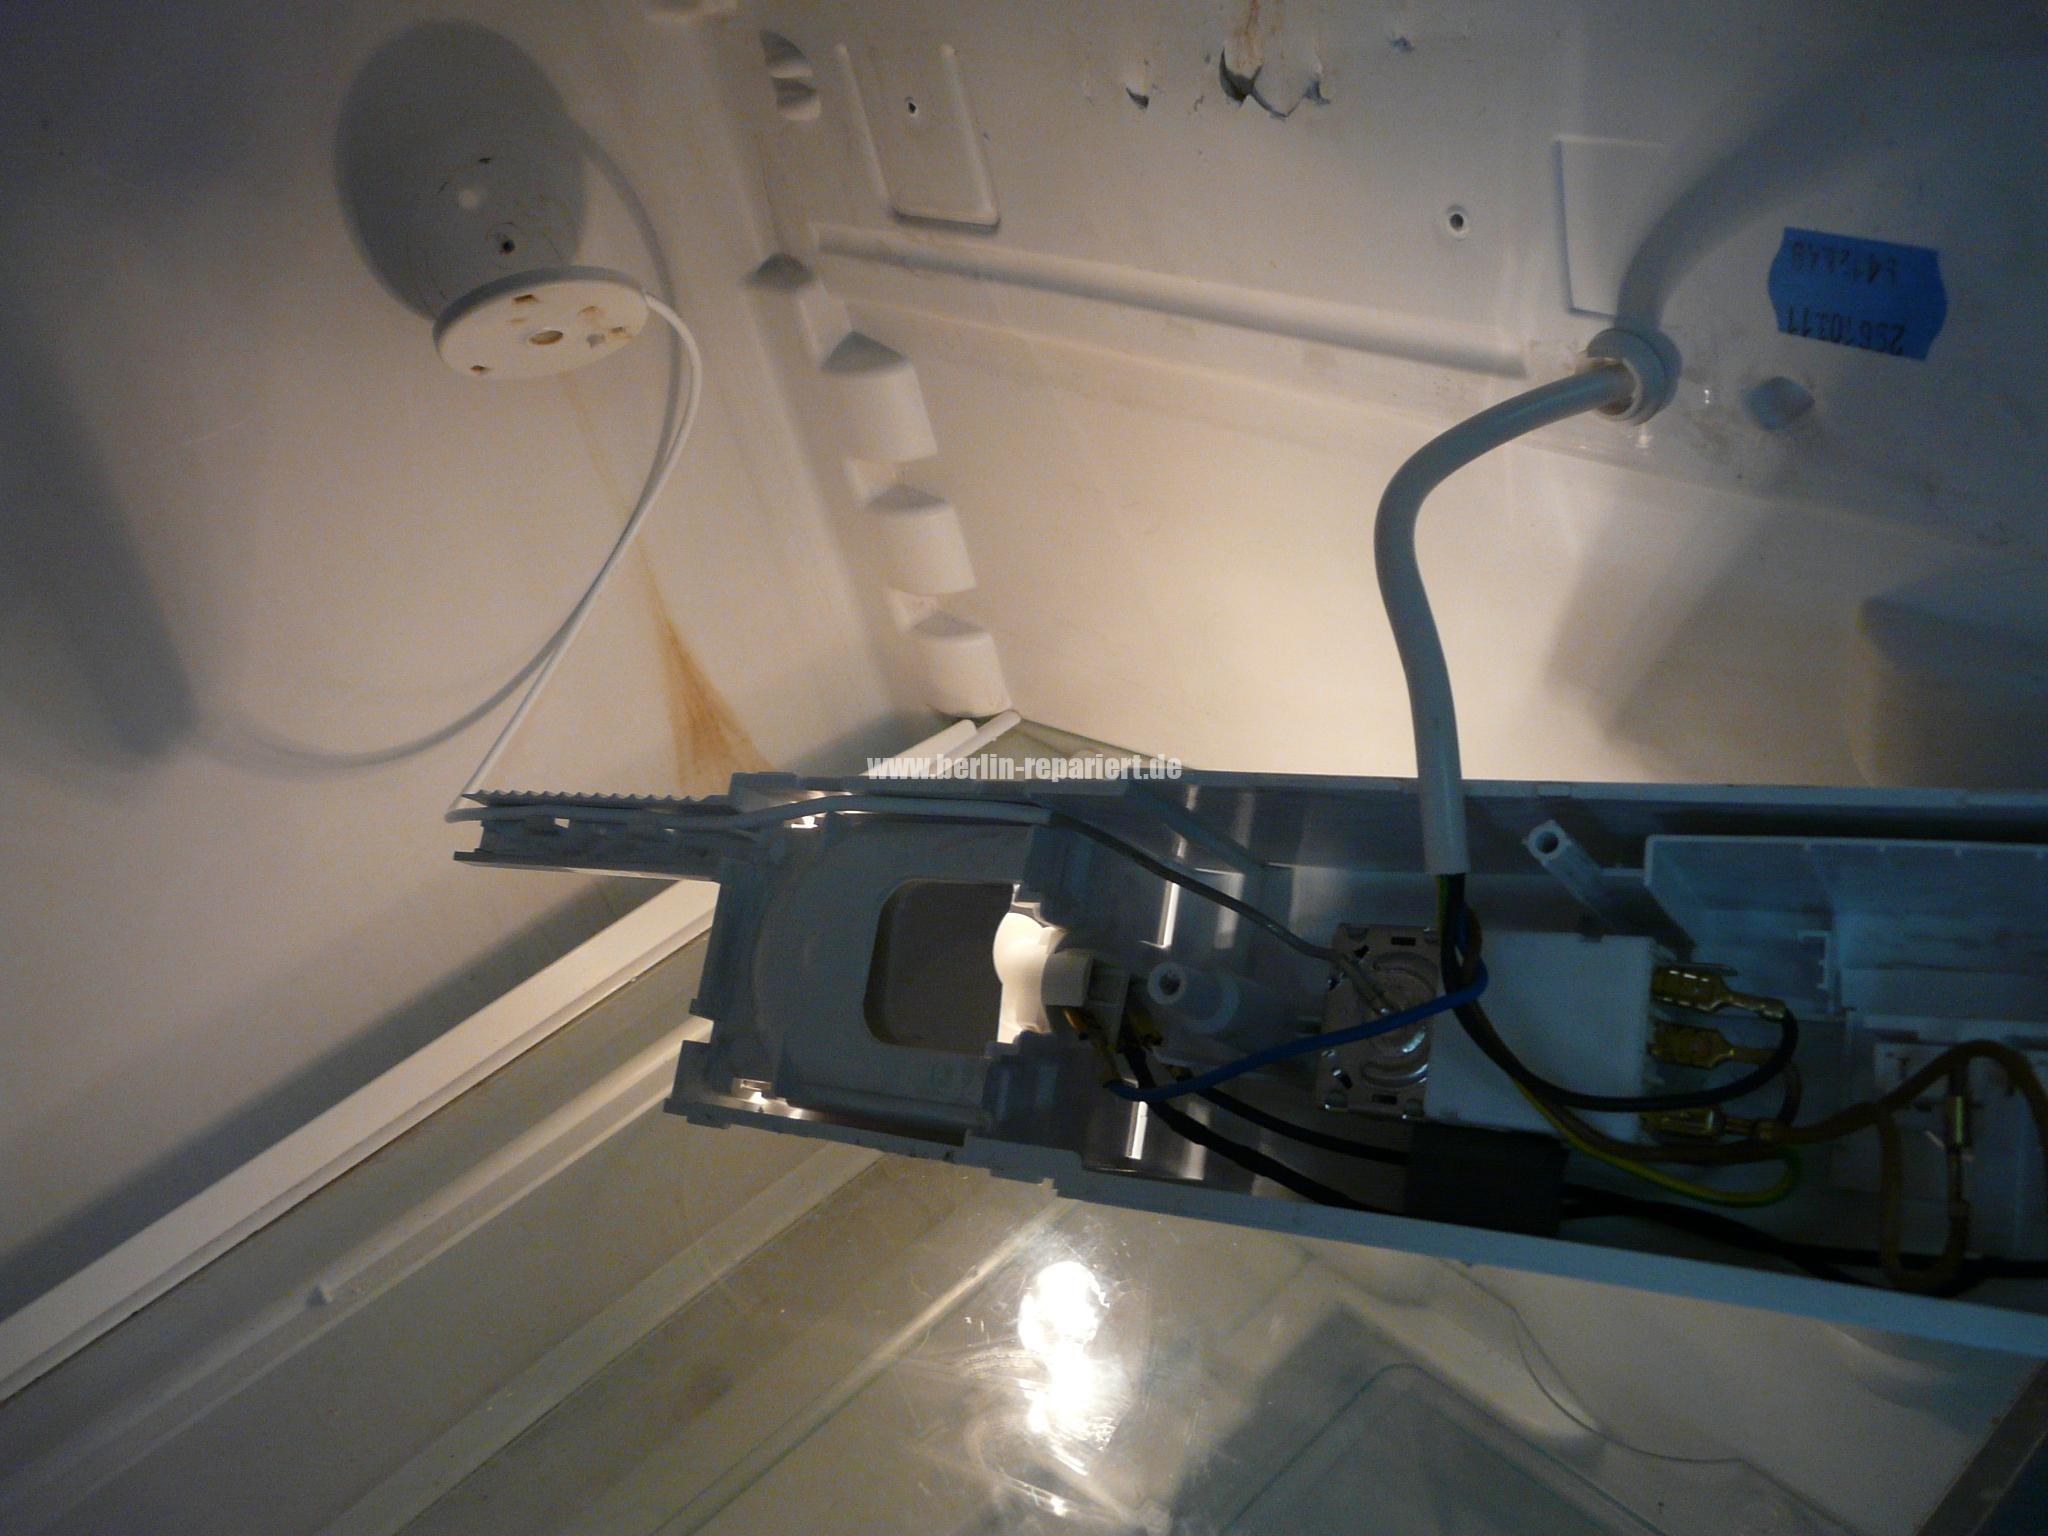 Bosch Kühlschrank Lampe Geht Nicht Aus : Bosch kühlschrank lampe geht nicht aus: bosch neff siemens